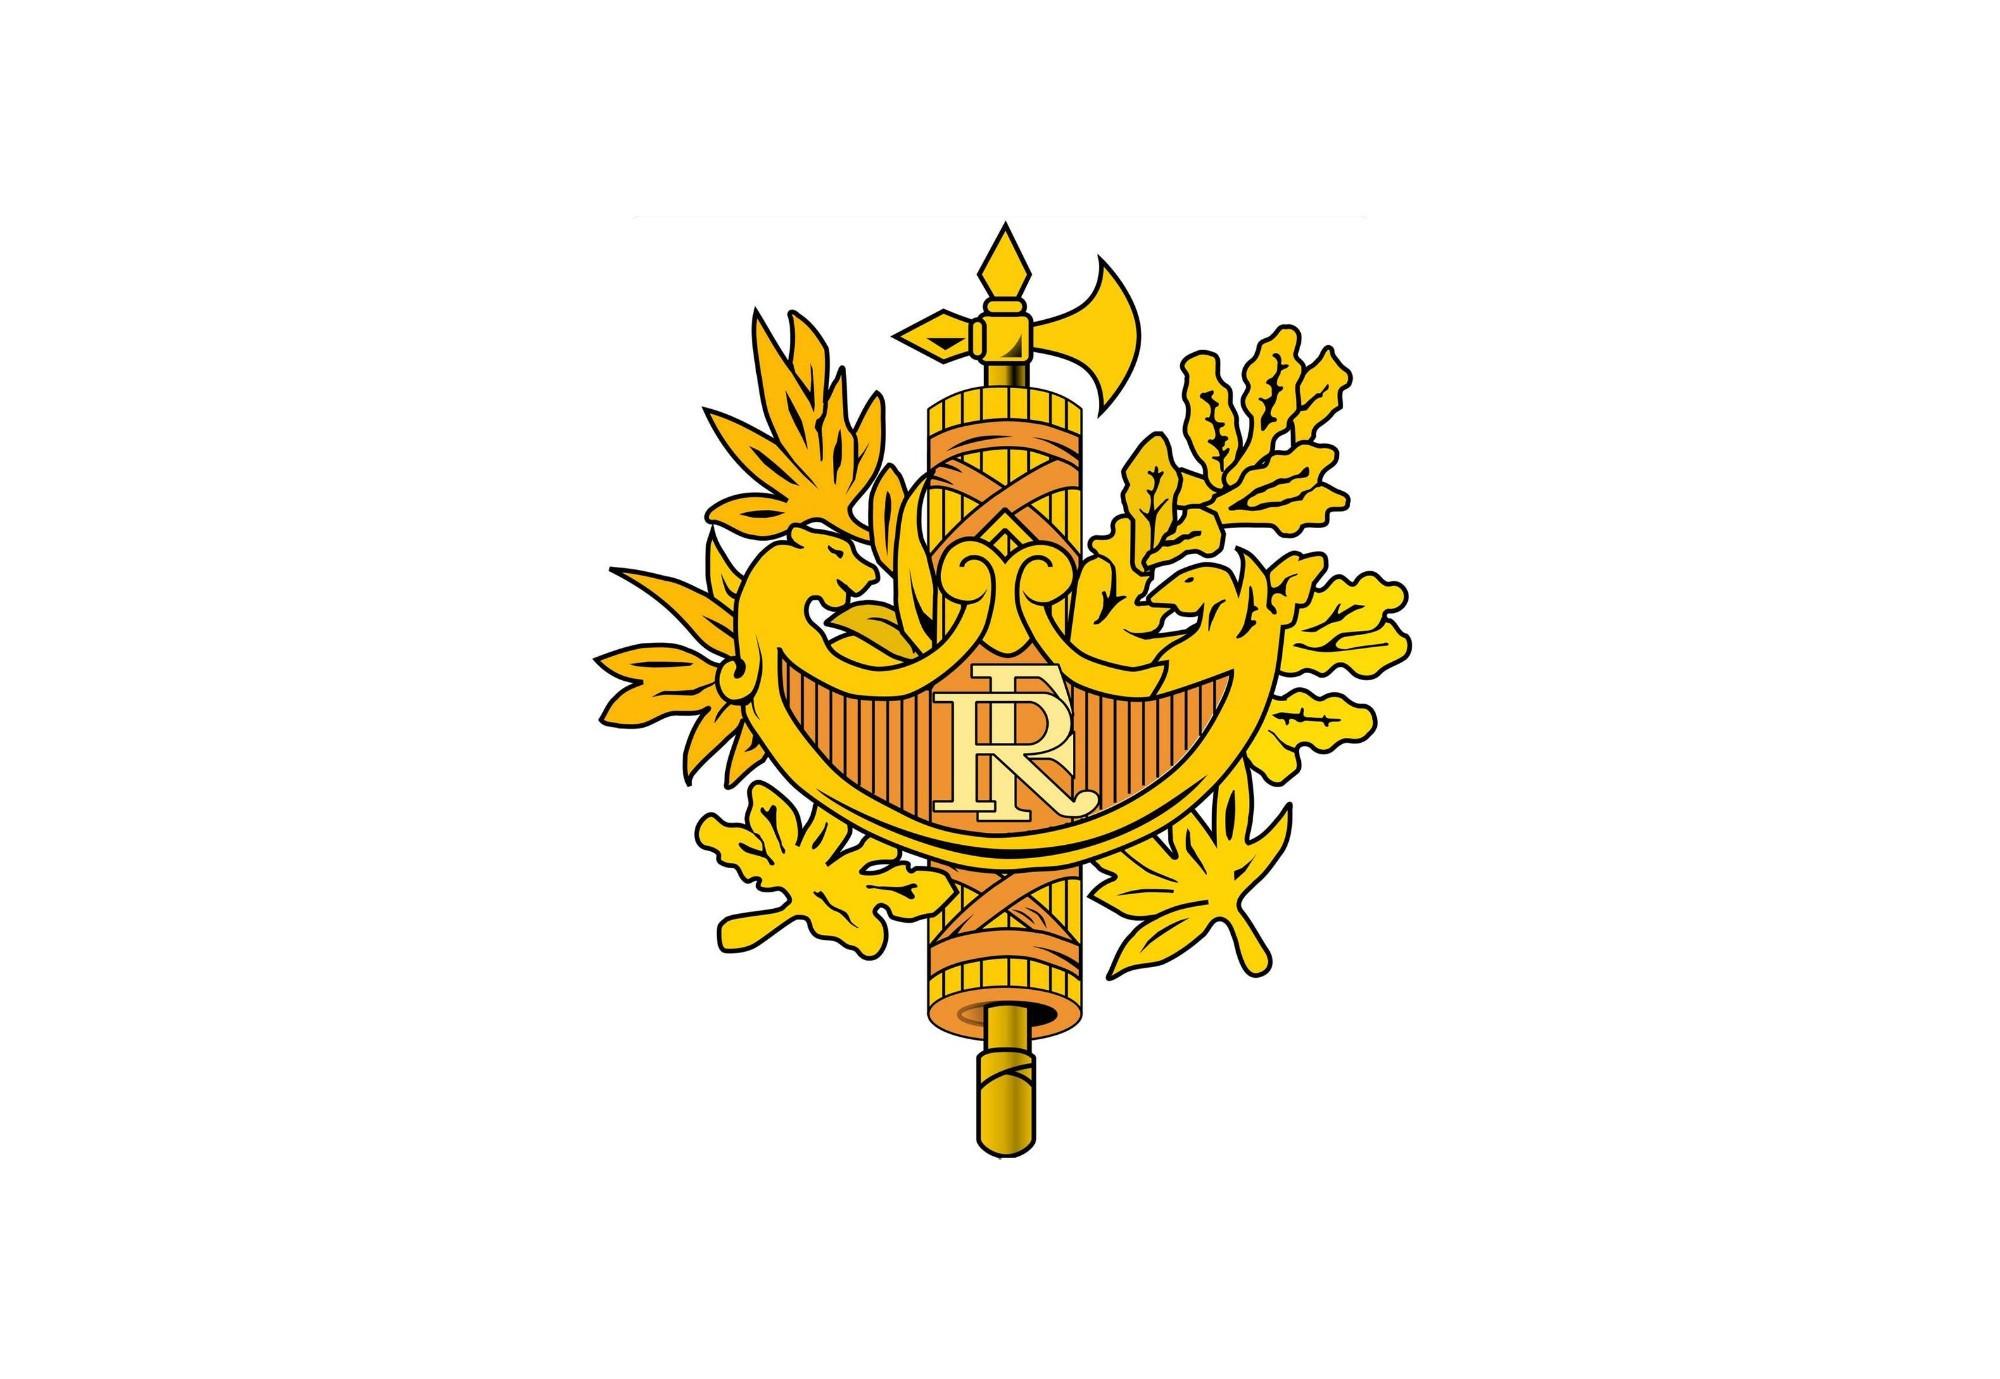 герб франции картинка острова